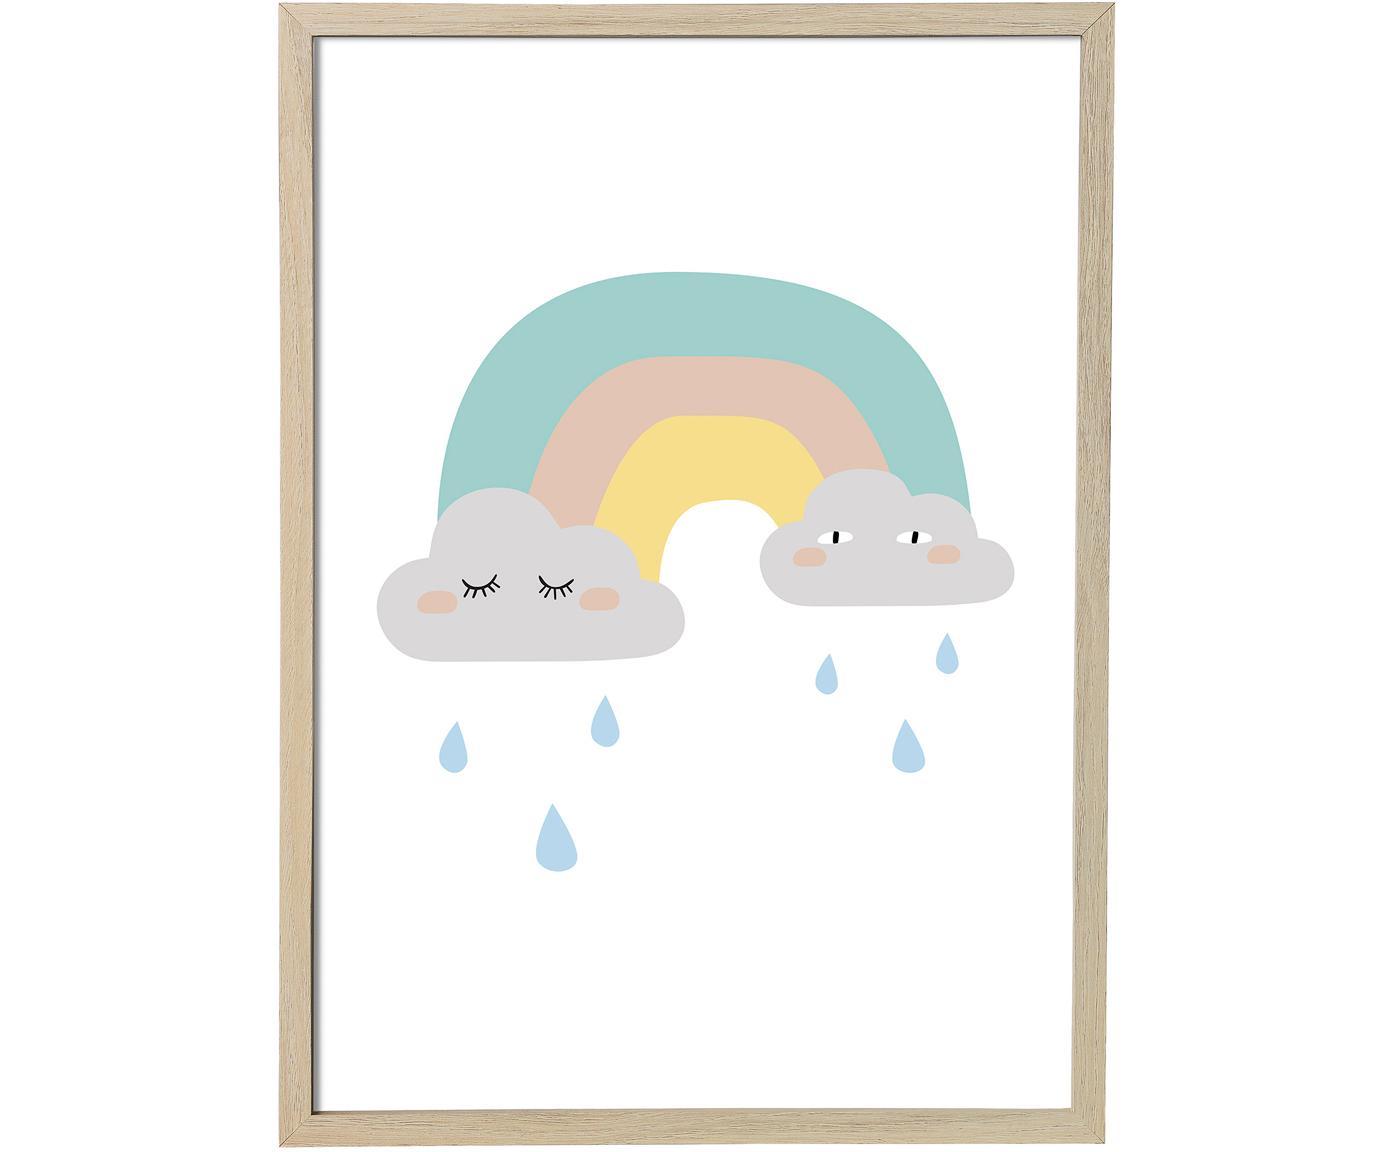 Gerahmtes Bild Rainbow, Bild: Papier, Rahmen: Mitteldichte Holzfaserpla, Weiß, 55 x 75 cm